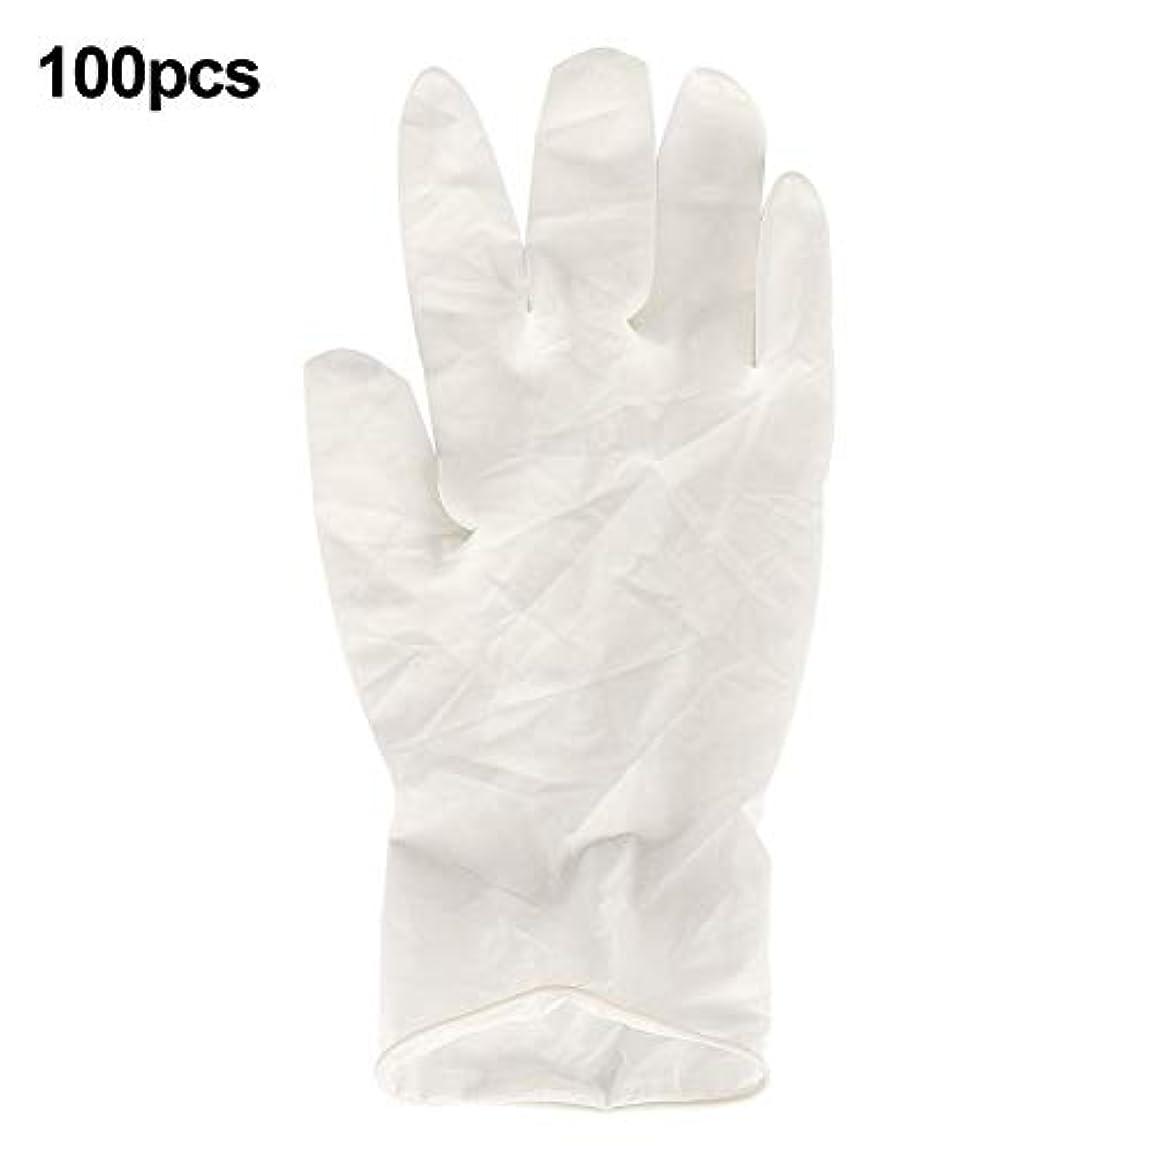 任意売り手アンカーQiilu ラテックス手袋 使い捨て手袋 ゴム手袋 100個(中型)